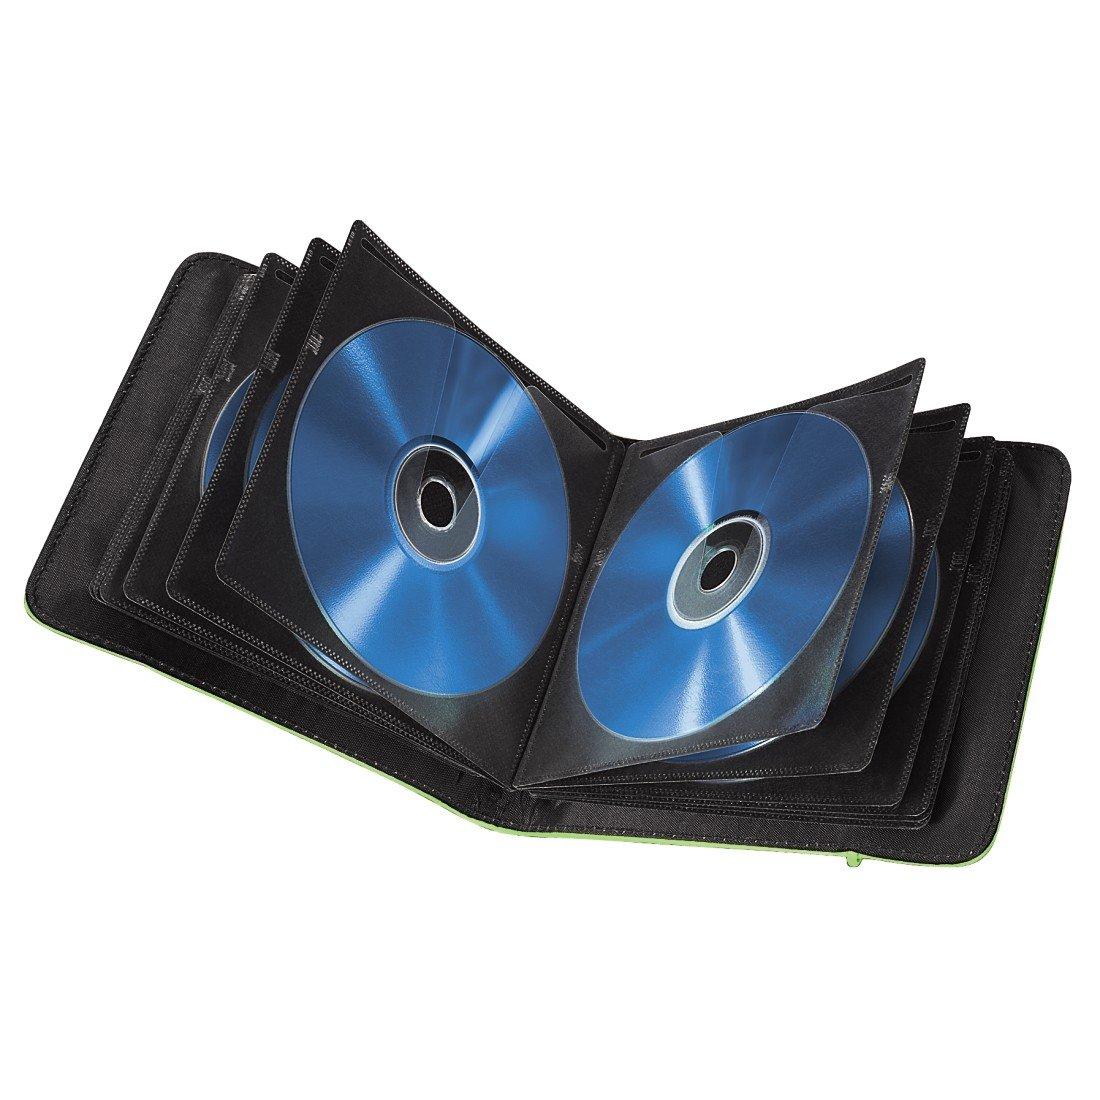 Hama - Funda para Almacenamiento de CDs/DVDs (24 Ranuras), Color Verde: Amazon.es: Electrónica